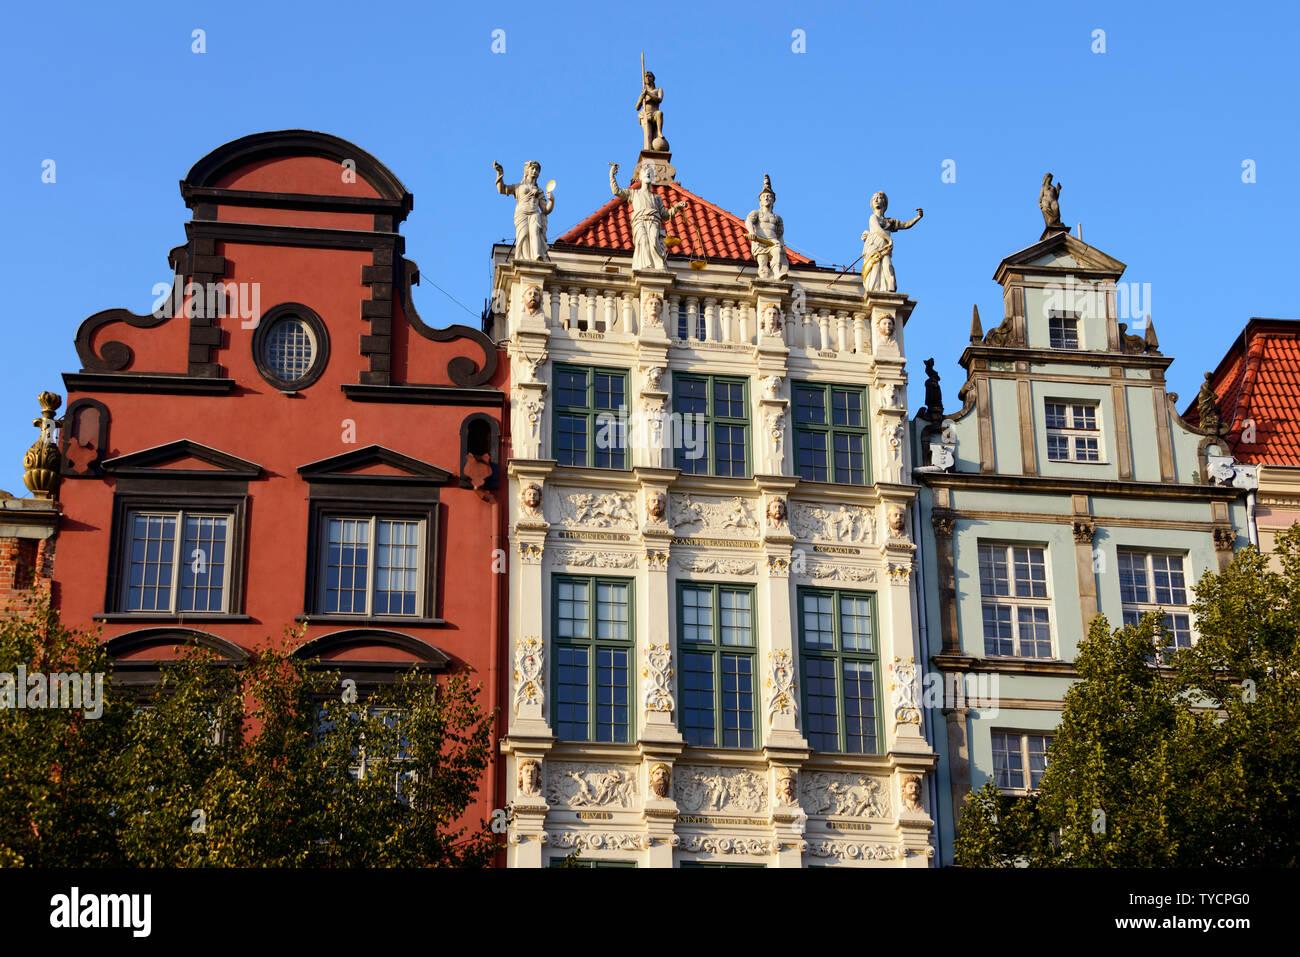 Houses on the Long Market, Dlugi Targ, Golden House, old town, Danzig, Pommerania, Poland Stock Photo